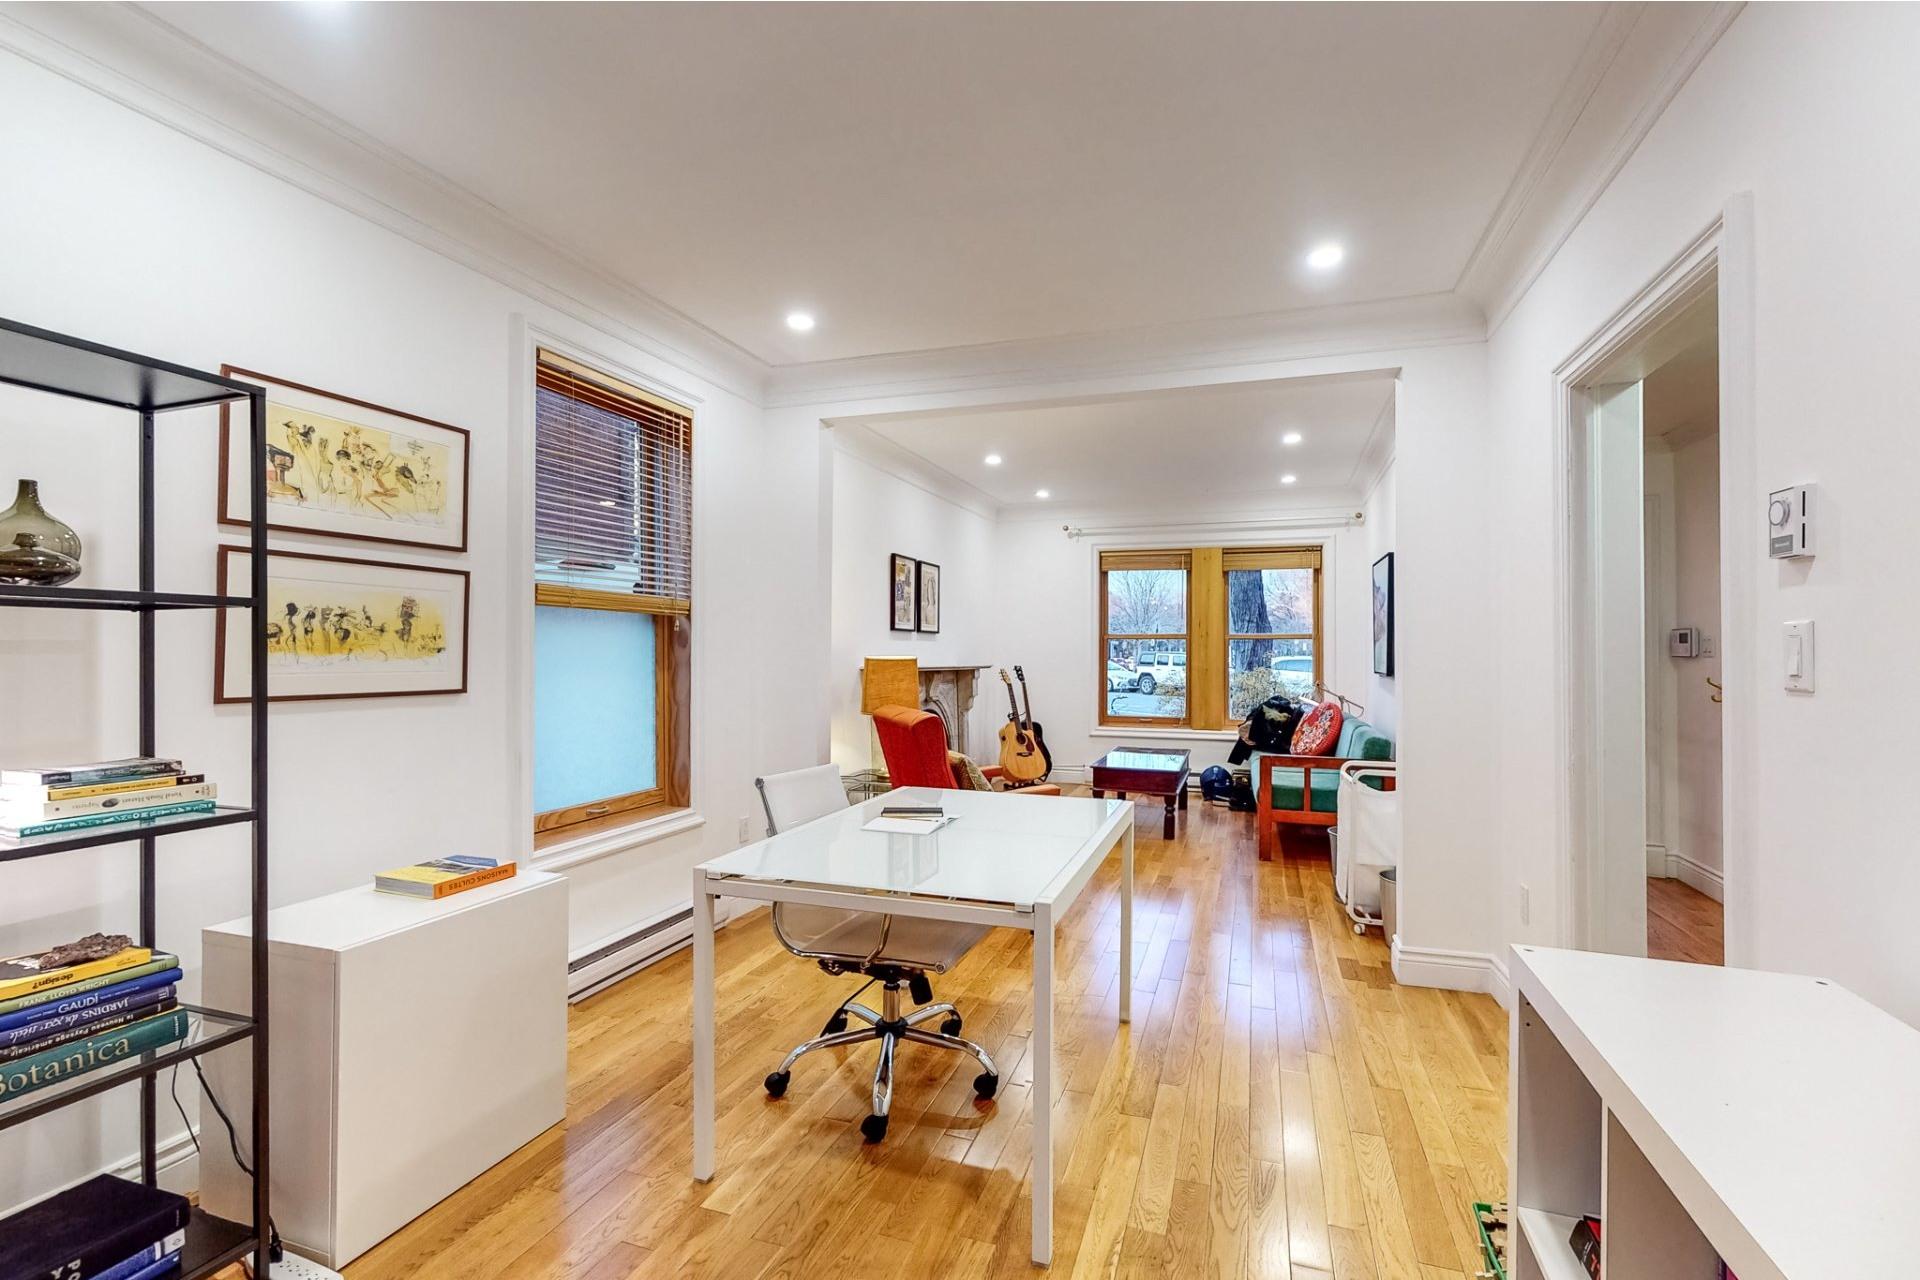 image 5 - Appartement À vendre Le Plateau-Mont-Royal Montréal  - 12 pièces